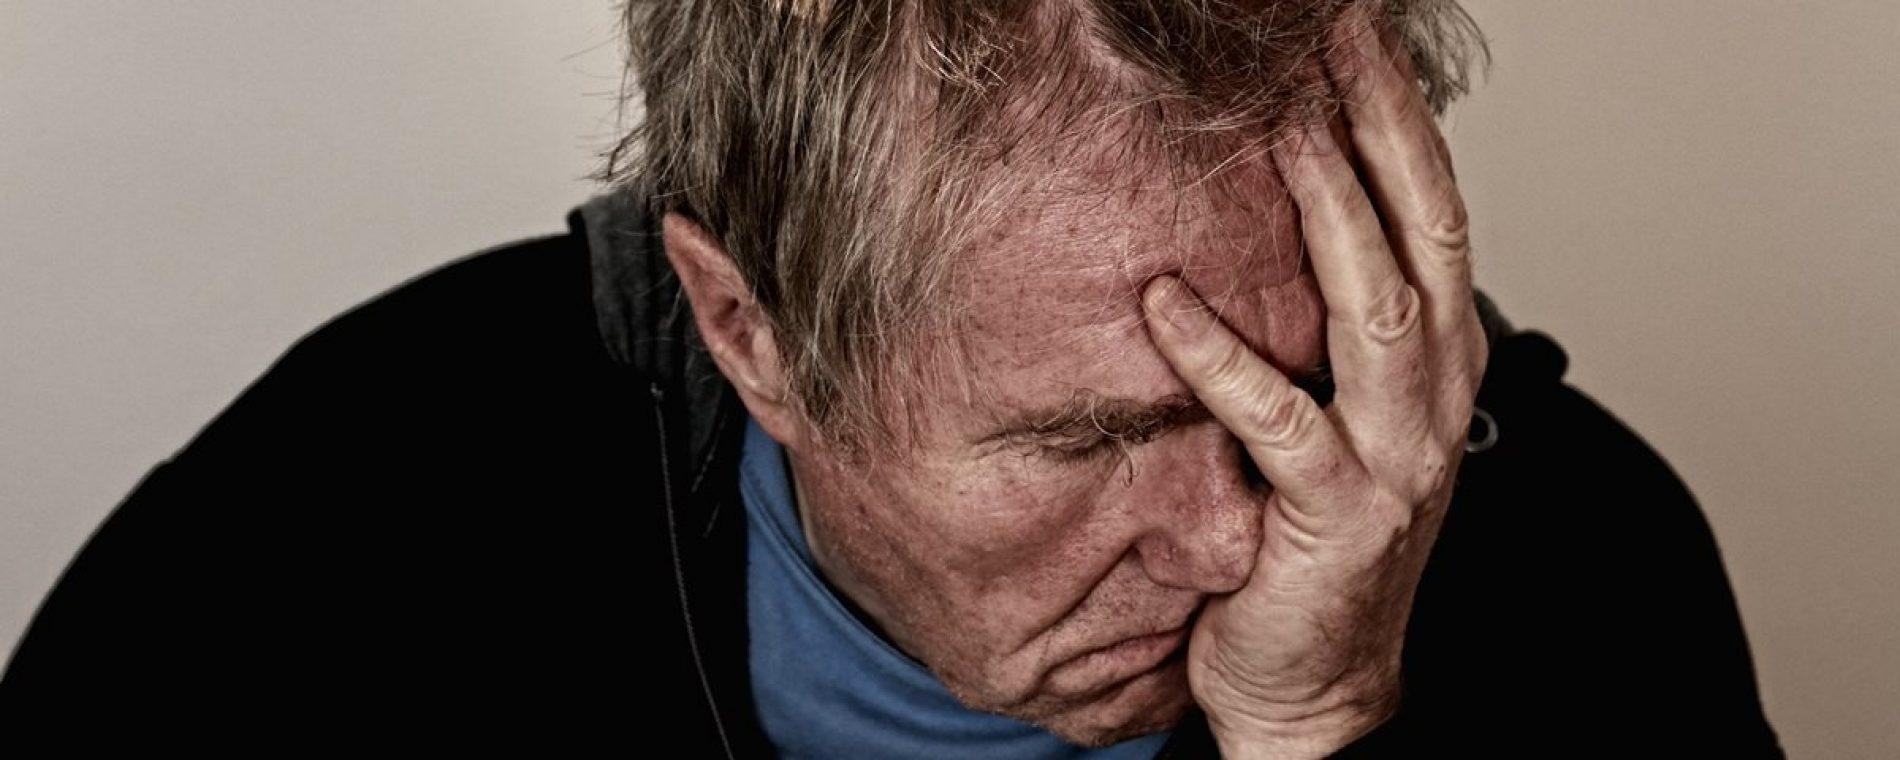 Idoso é preso por tentar estuprar mulher deficiente mental em tumulo de cemitério